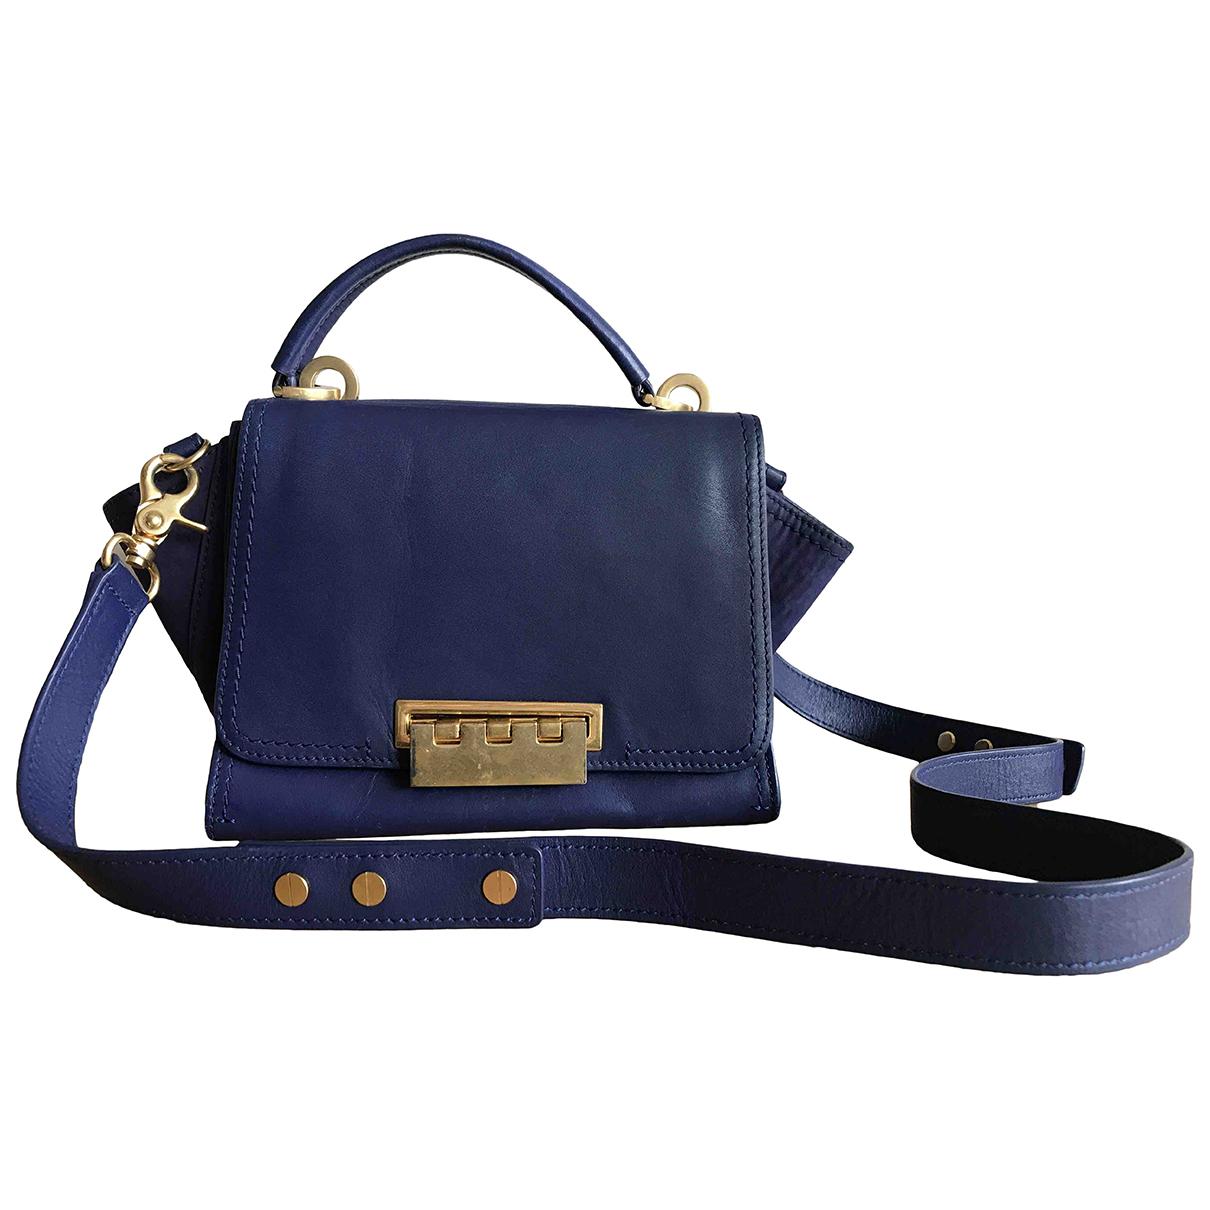 Zac Posen N Blue Leather handbag for Women N